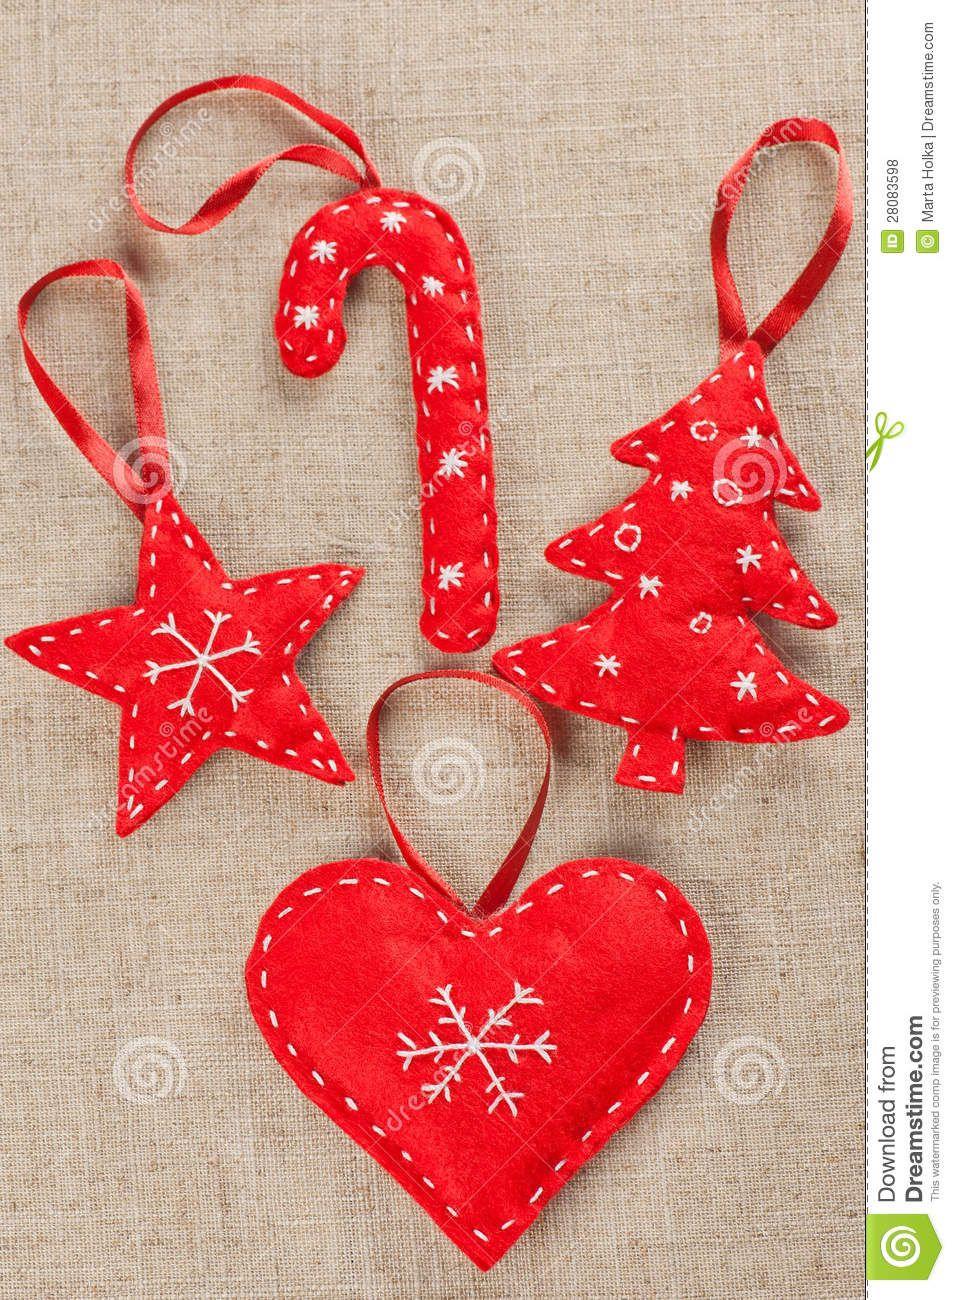 Immagini Natalizie Libere.Decorazioni Di Natale Del Feltro Fotografie Stock Libere Da Diritti Immagine 28083598 Natale Artigianato Ornamenti In Feltro Decorazioni Di Natale